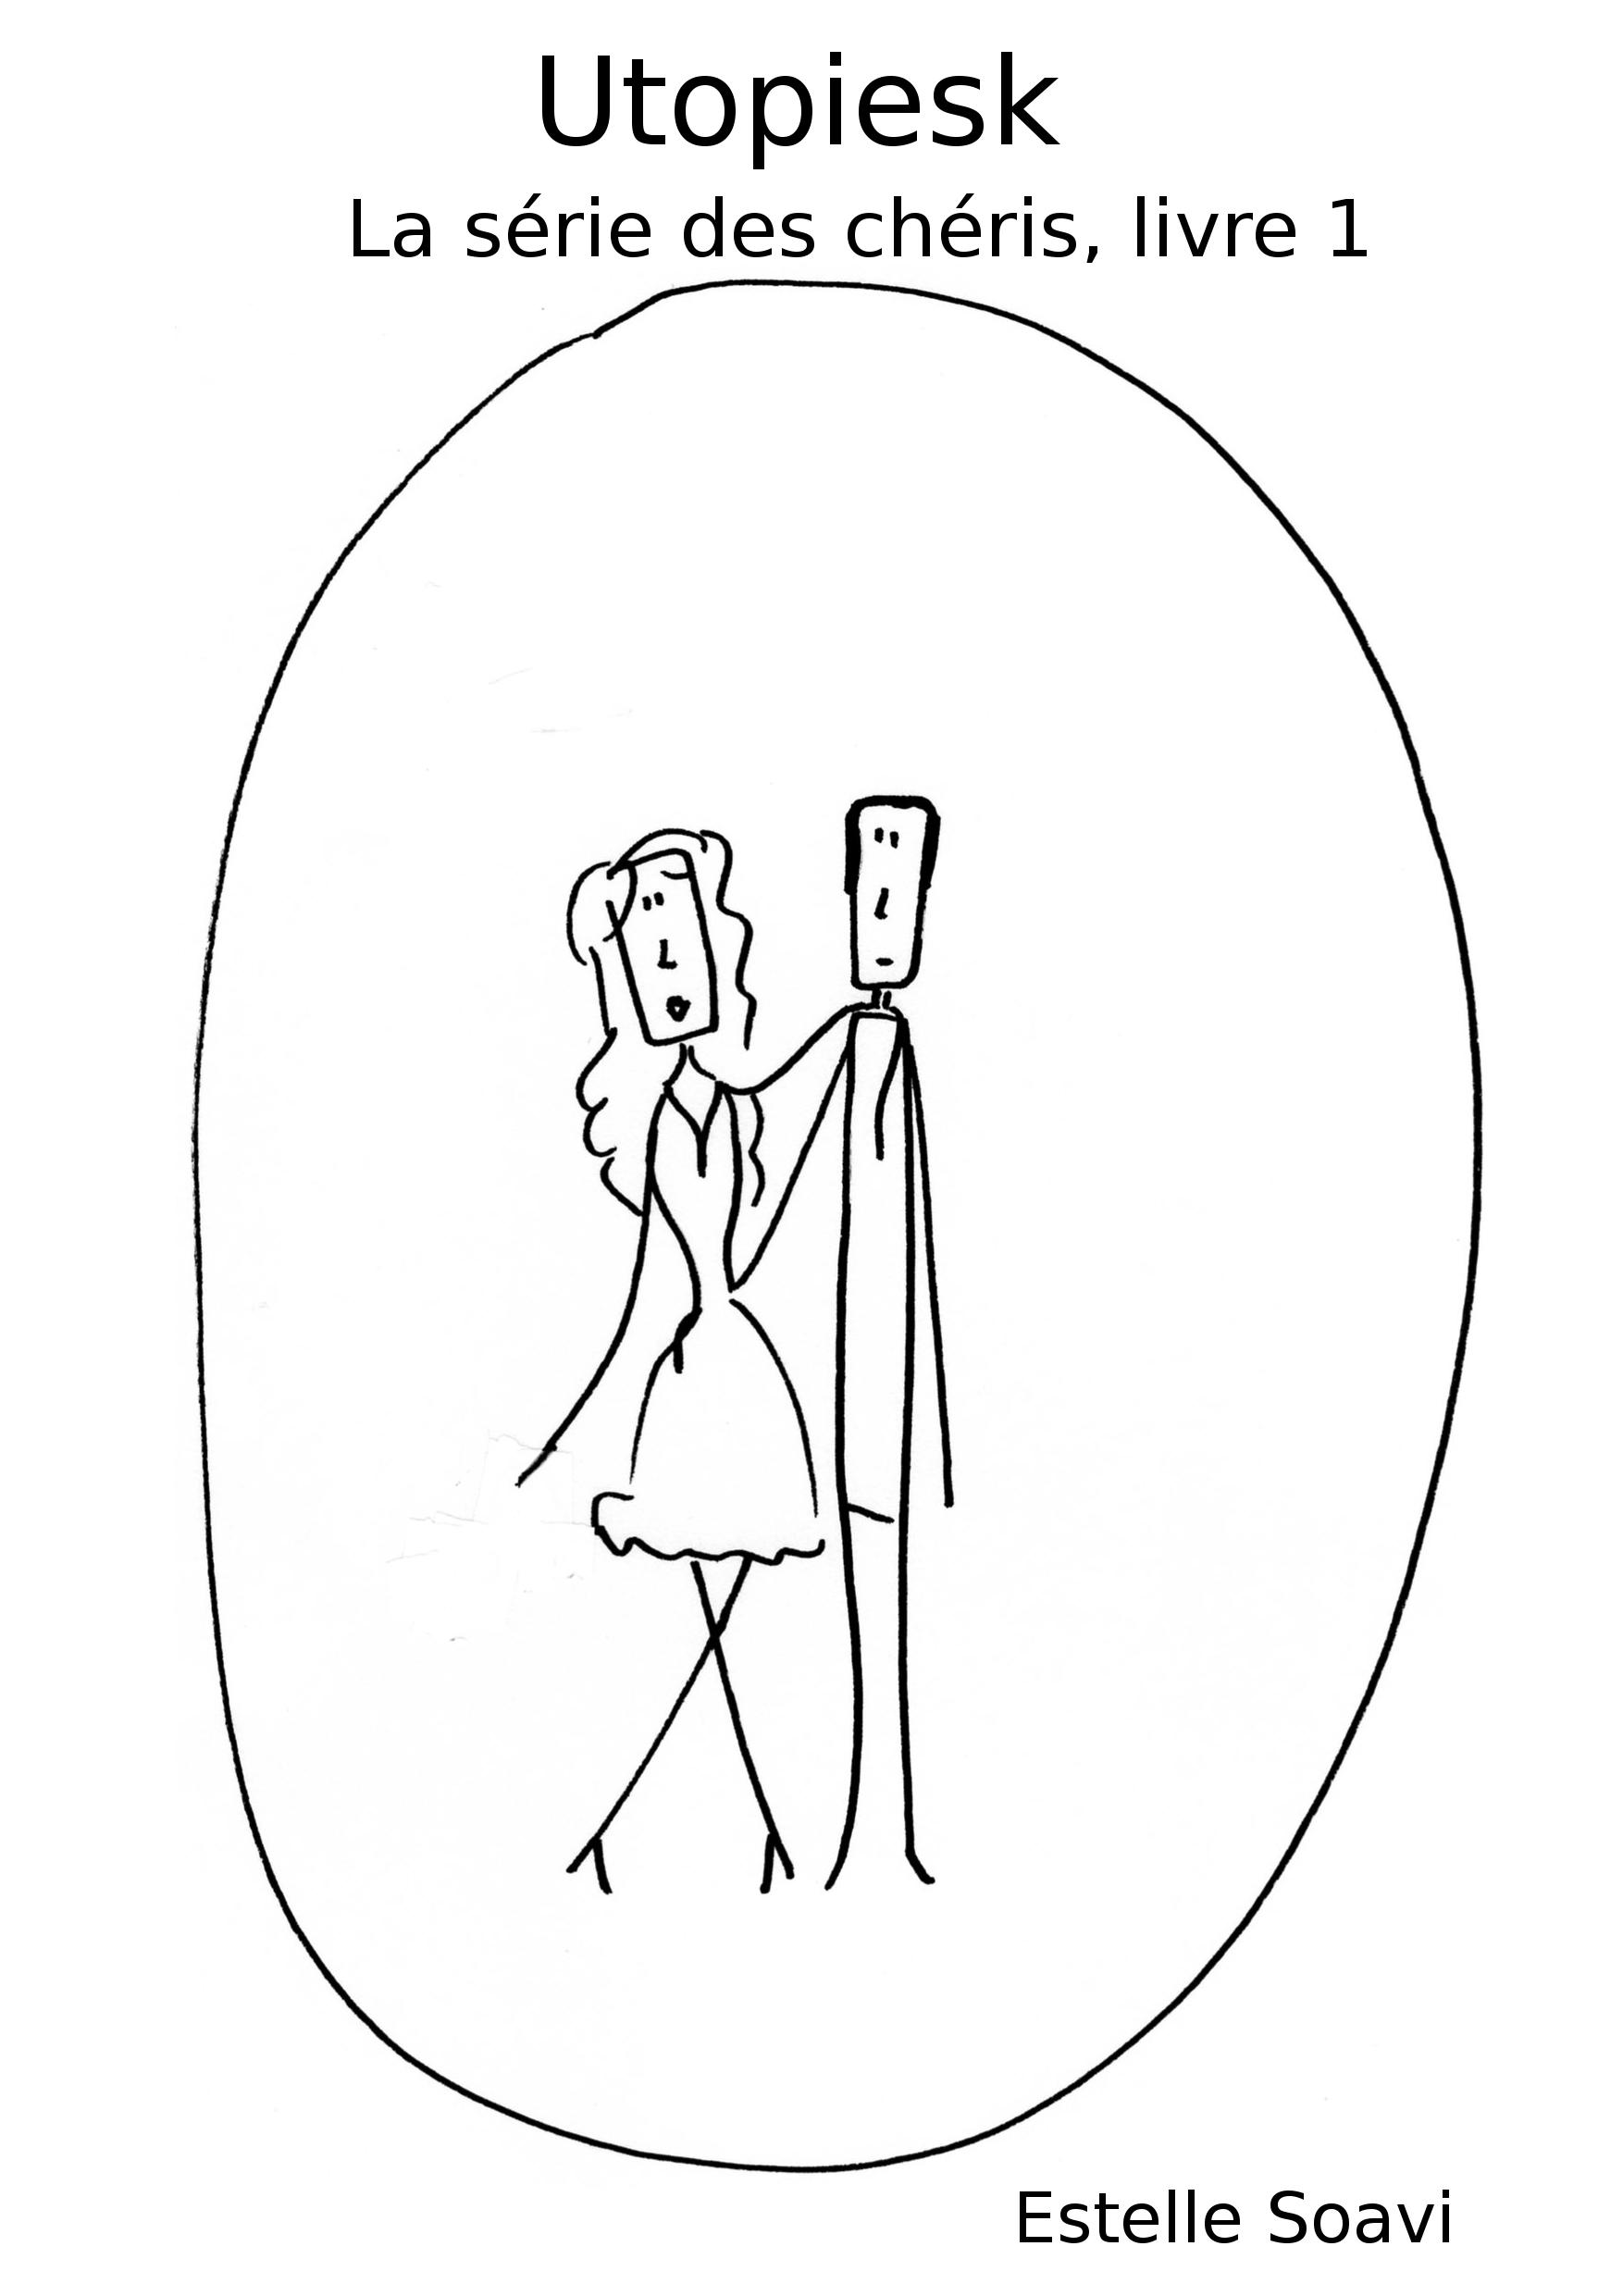 Utopiesk La série des chéris, livre 1